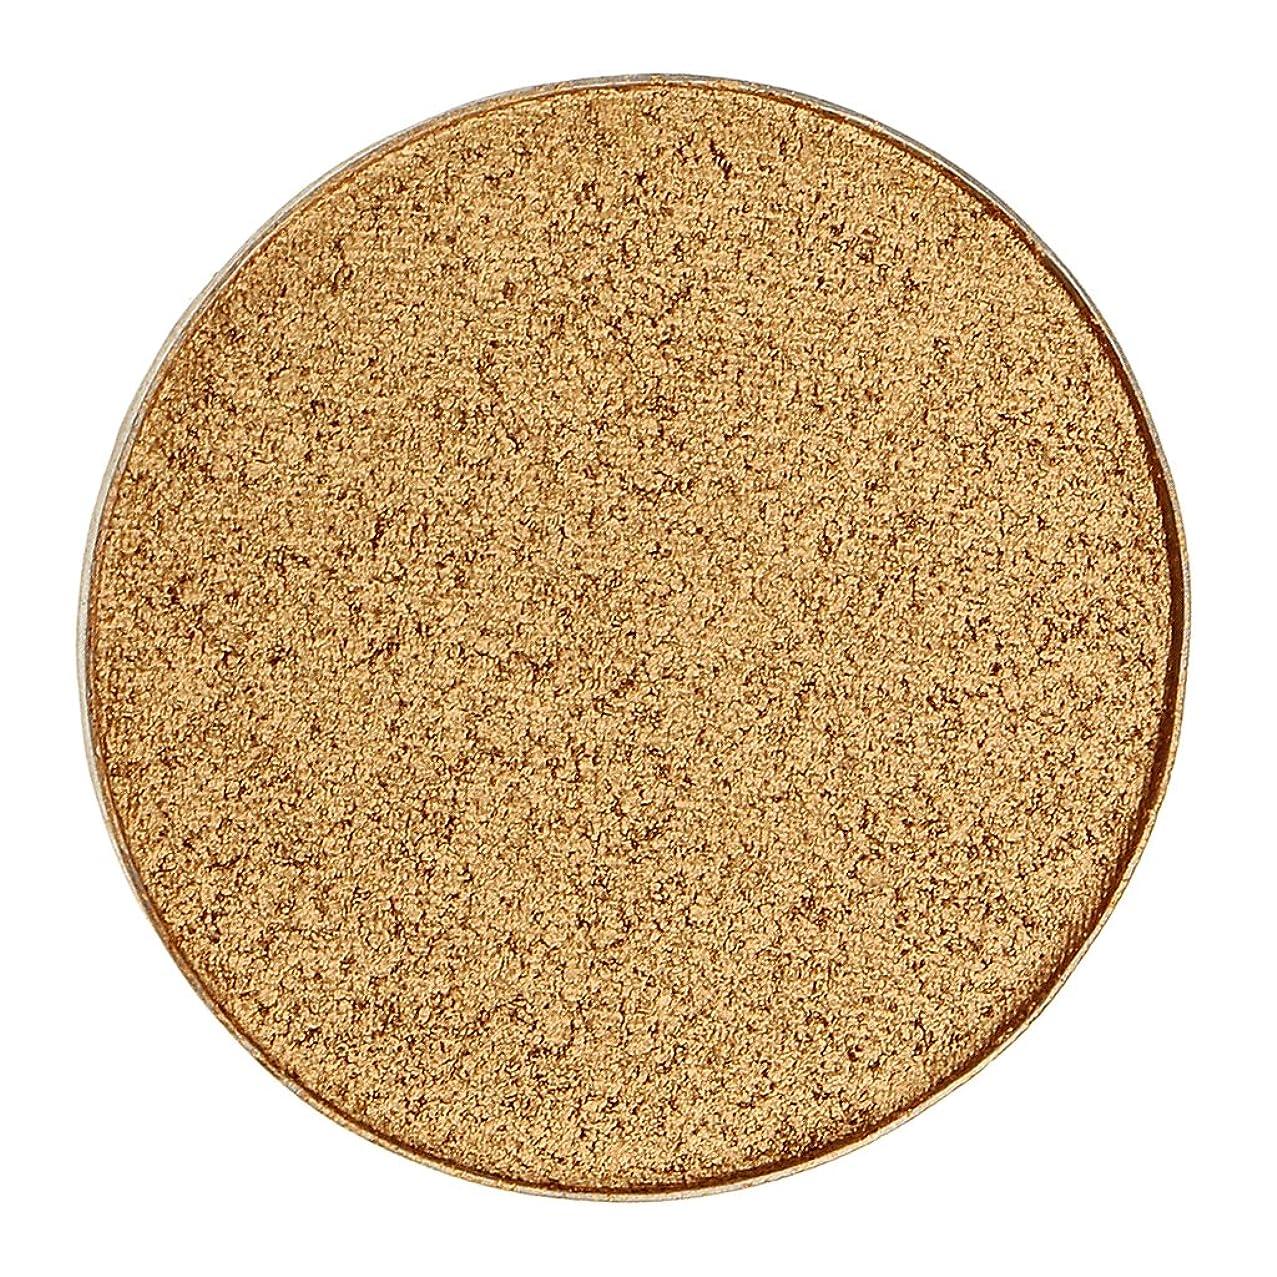 バラバラにする苦しむ雇うPerfk 化粧品用 アイシャドウ ハイライター パレット マット シマー アイシャドーメイク 美しい色合い 全5色 - #28ゴールド